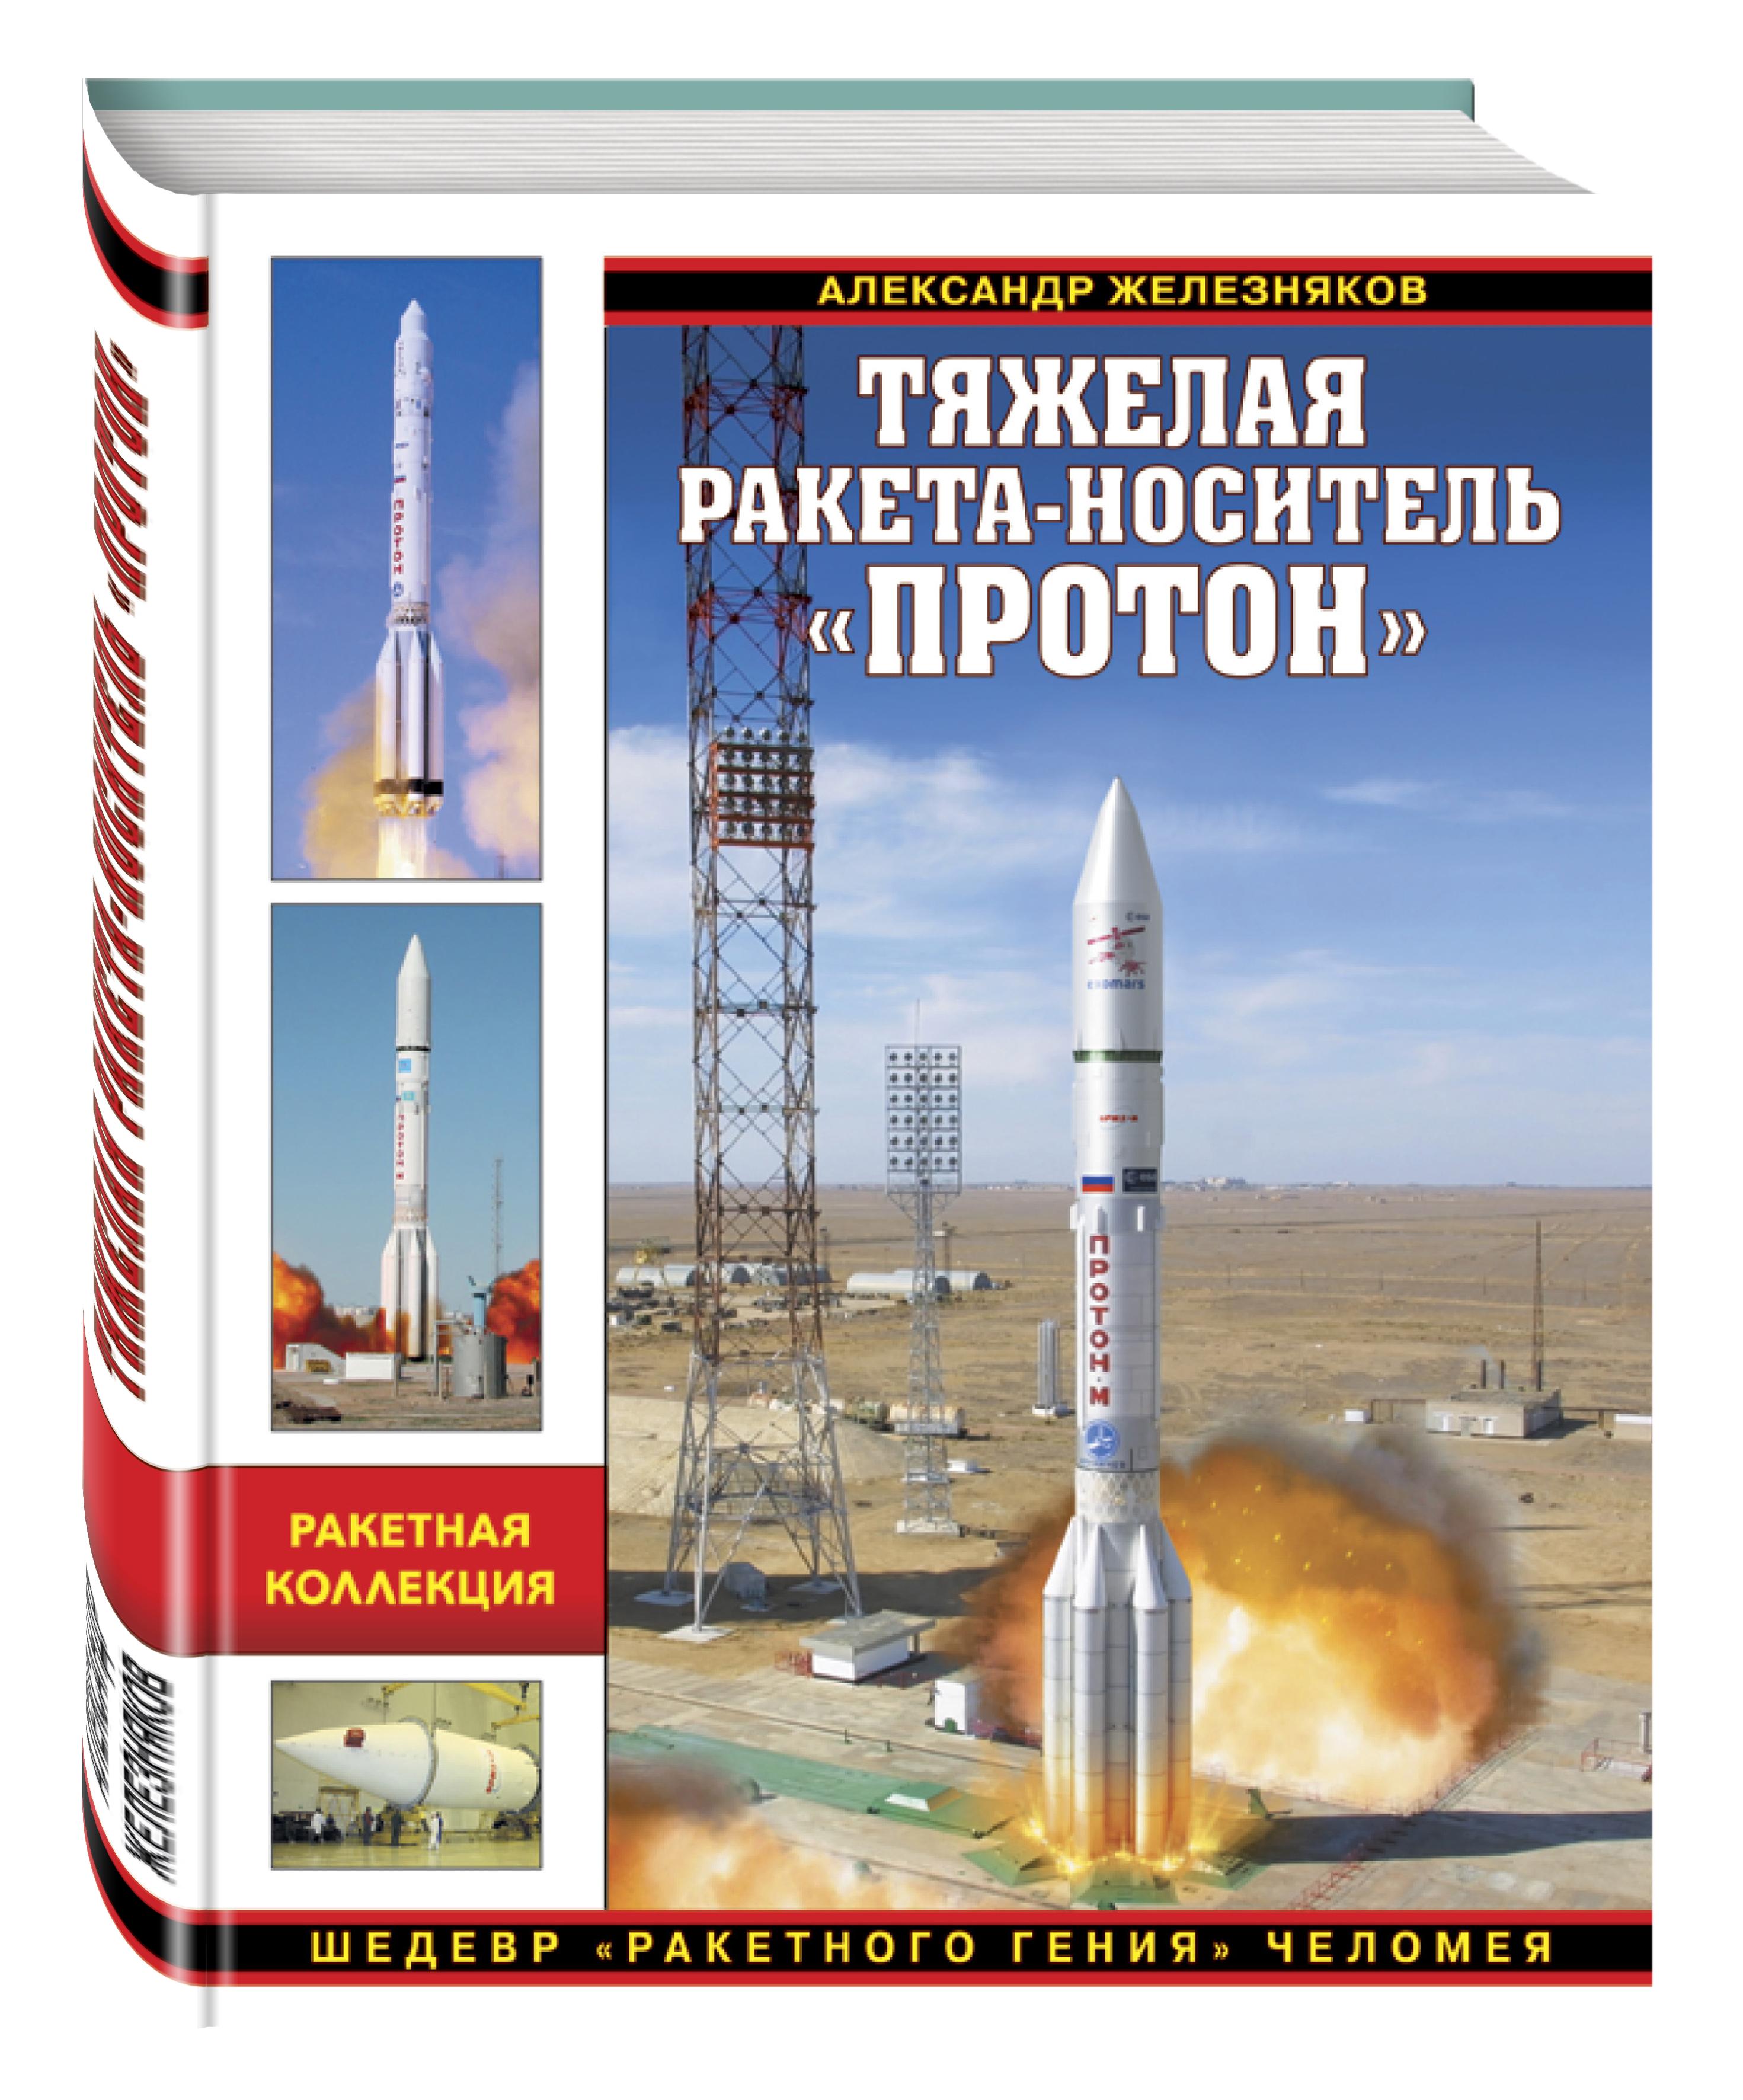 Тяжелая ракета-носитель «Протон». Шедевр «ракетного гения» Челомея ( Железняков А.Б.  )